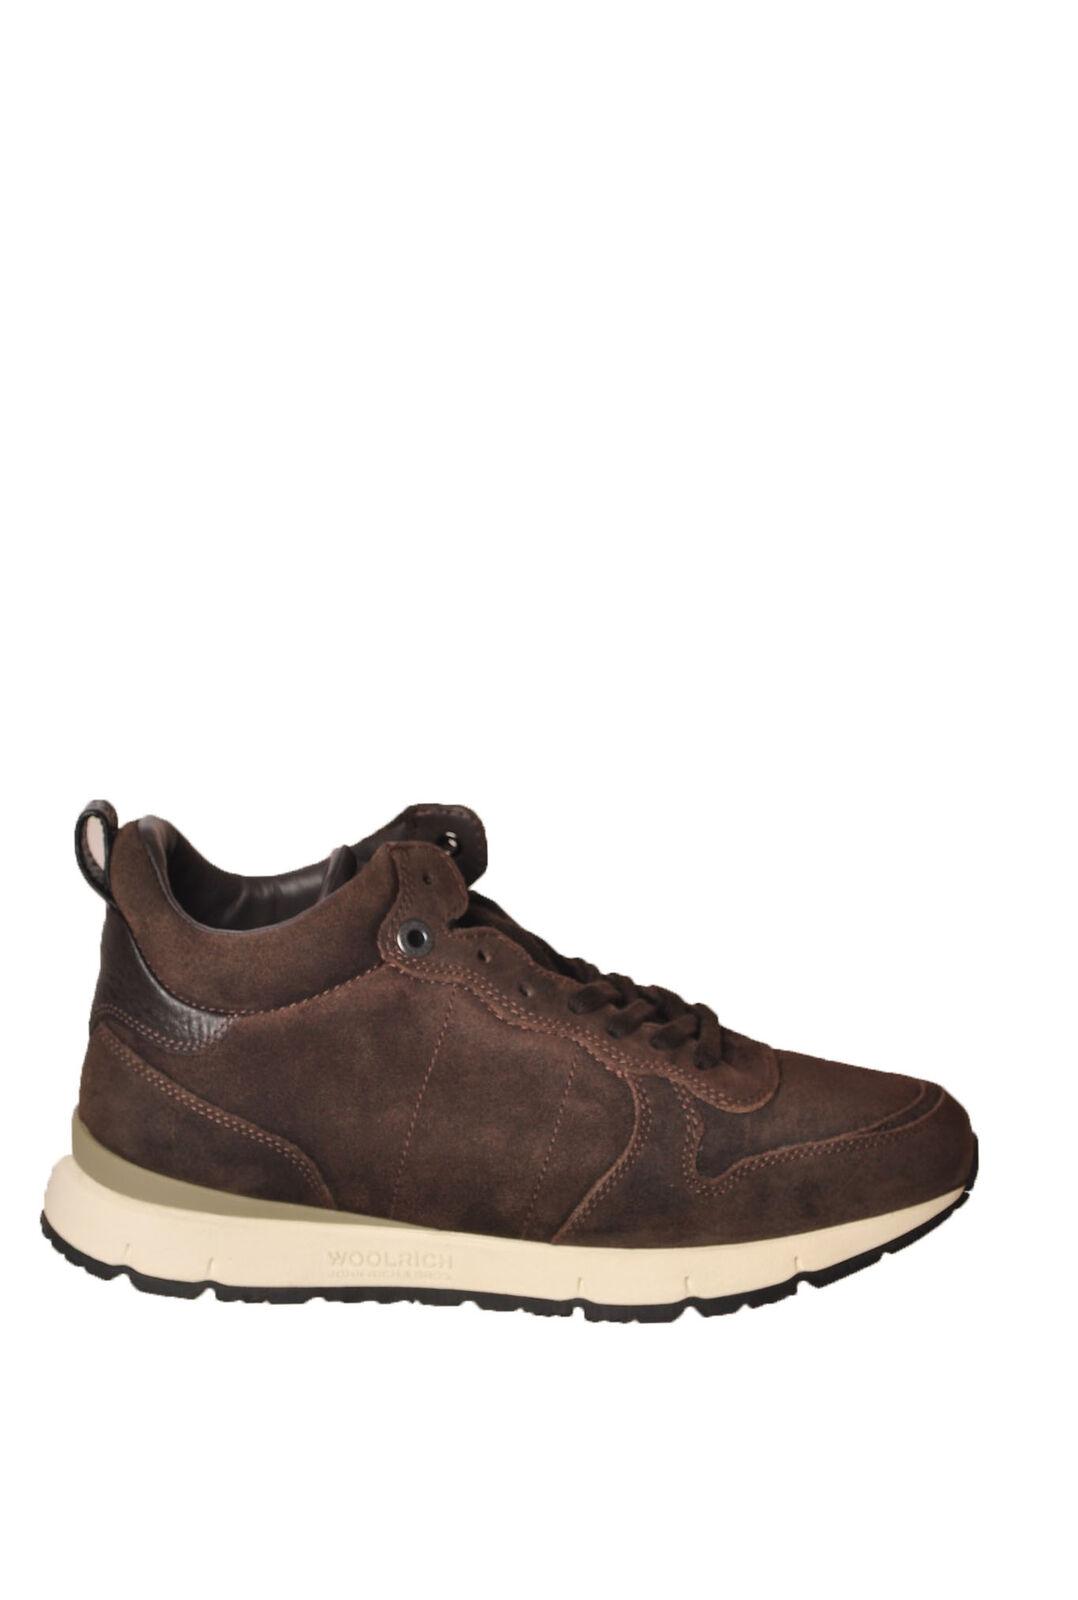 prezzi all'ingrosso Woolrich - scarpe-scarpe scarpe-scarpe scarpe-scarpe - Uomo - Marrone - 4427506C195459  shopping online e negozio di moda